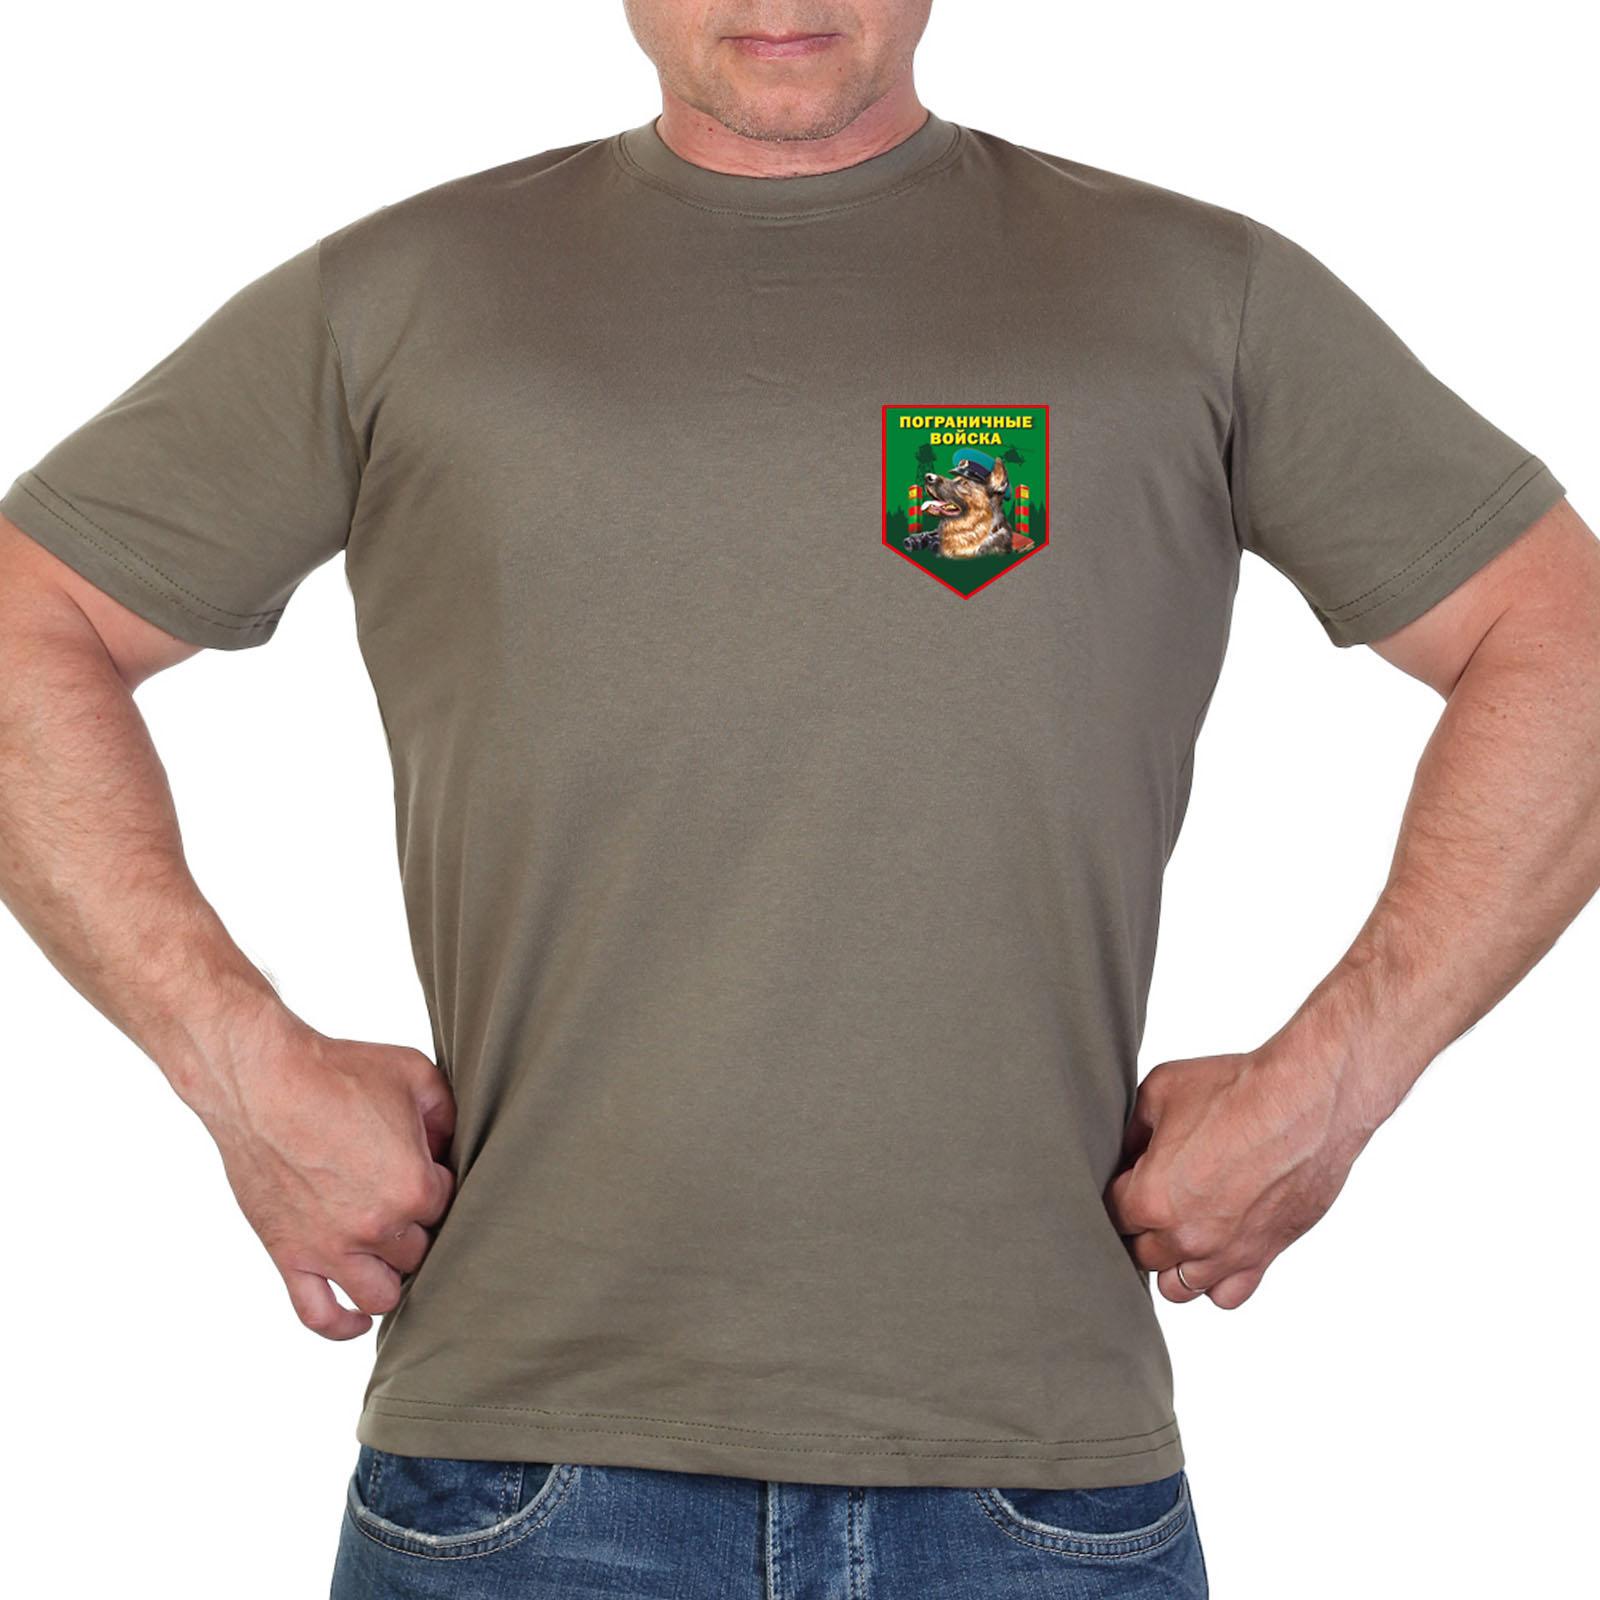 Оливковая футболка с термотрансфером Пограничные войска